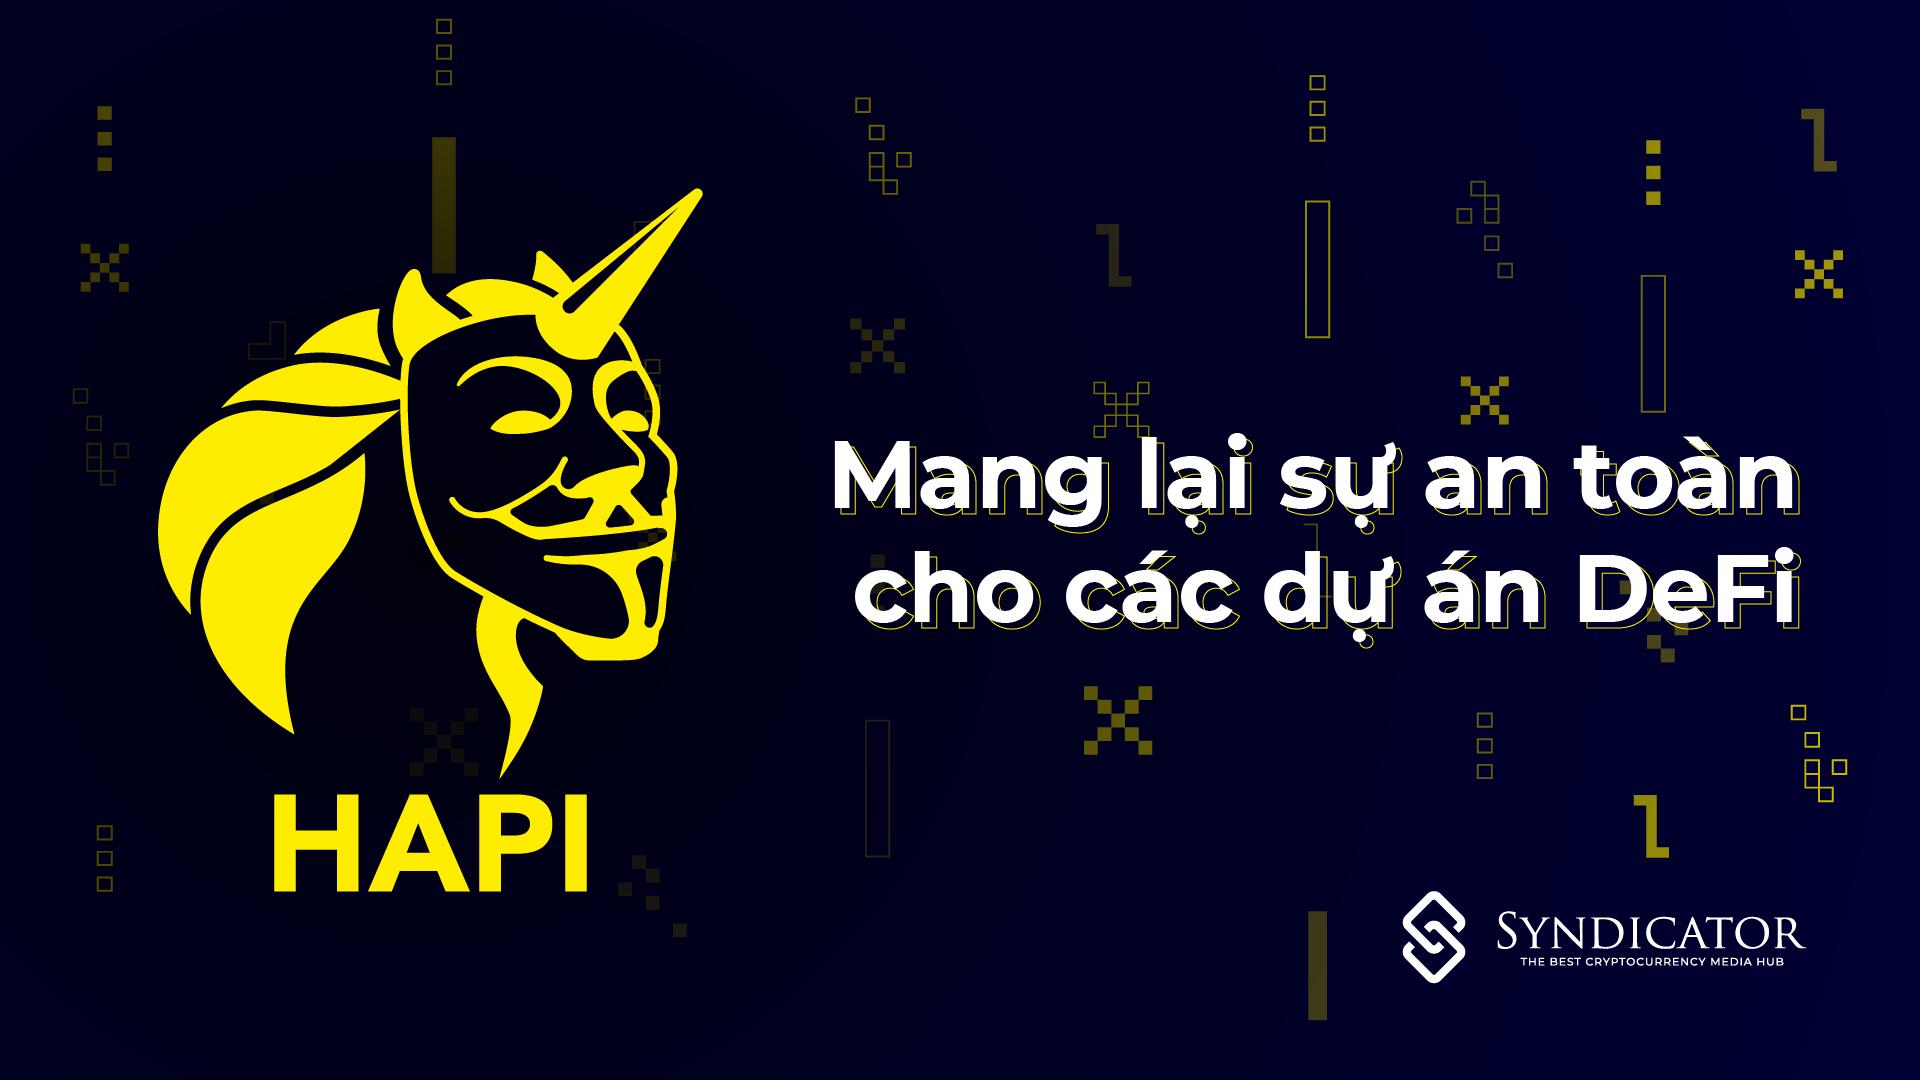 HAPI: Mang lại sự an toàn cho các dự án Defi - Syndicator